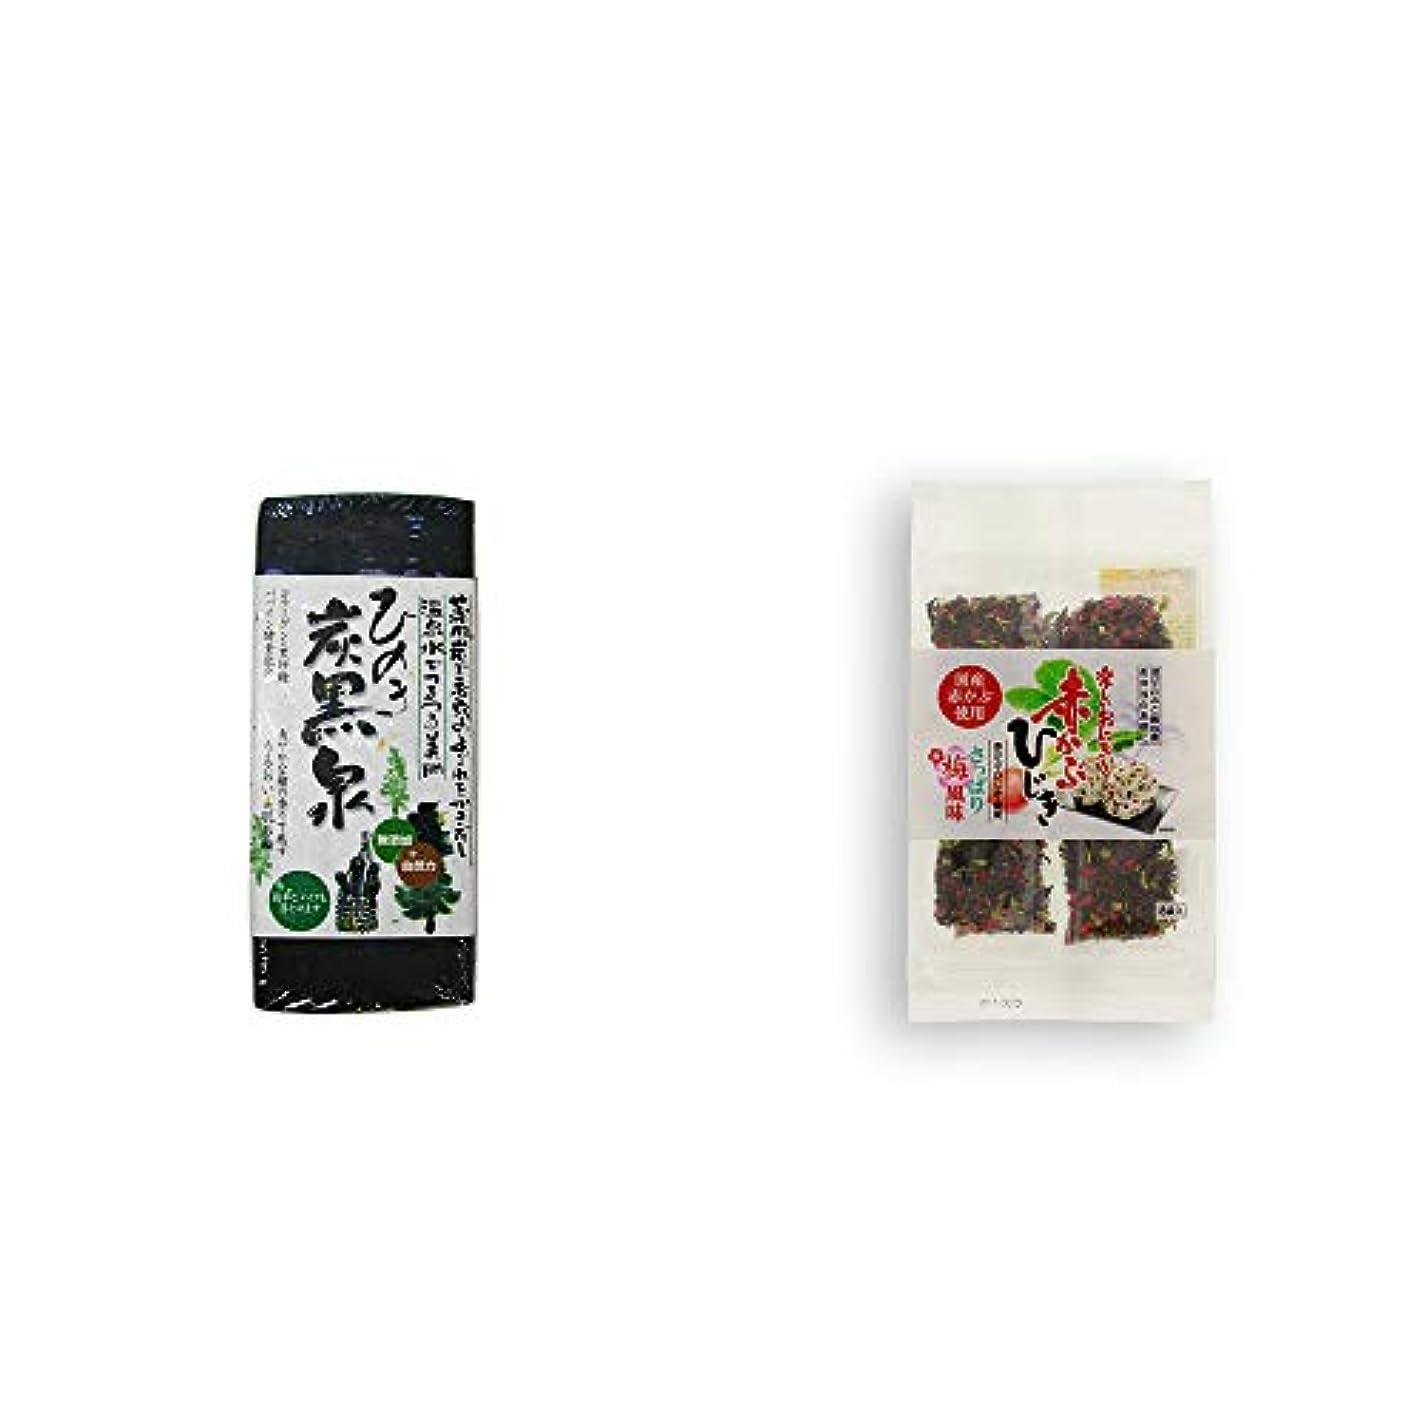 専門キャスト最大化する[2点セット] ひのき炭黒泉(75g×2)?楽しいおにぎり 赤かぶひじき(8g×8袋)